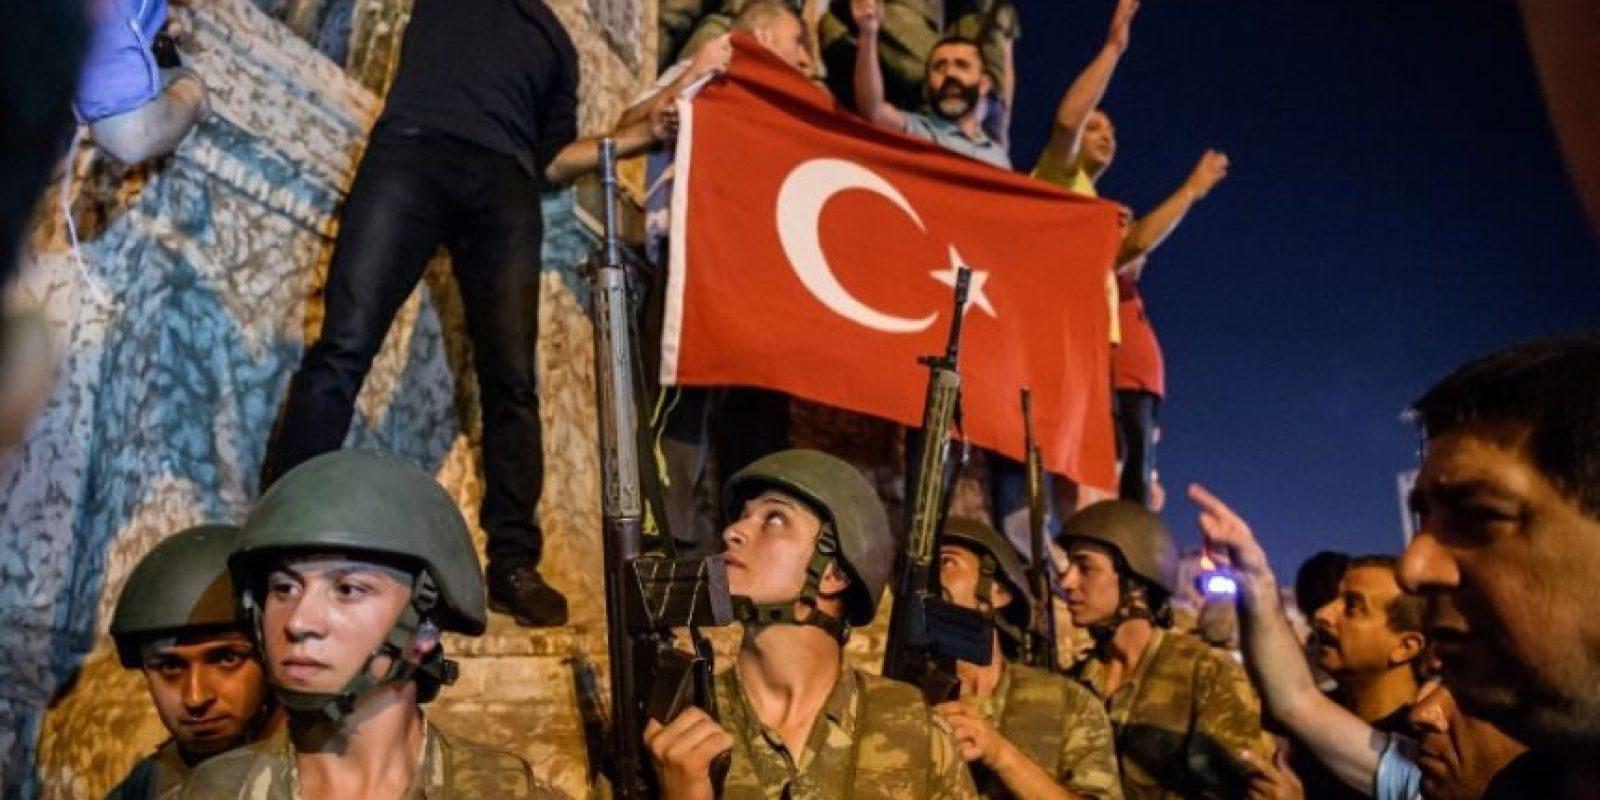 Intento de Golpe de Estado en Turquía. Foto:AFP. Imagen Por: